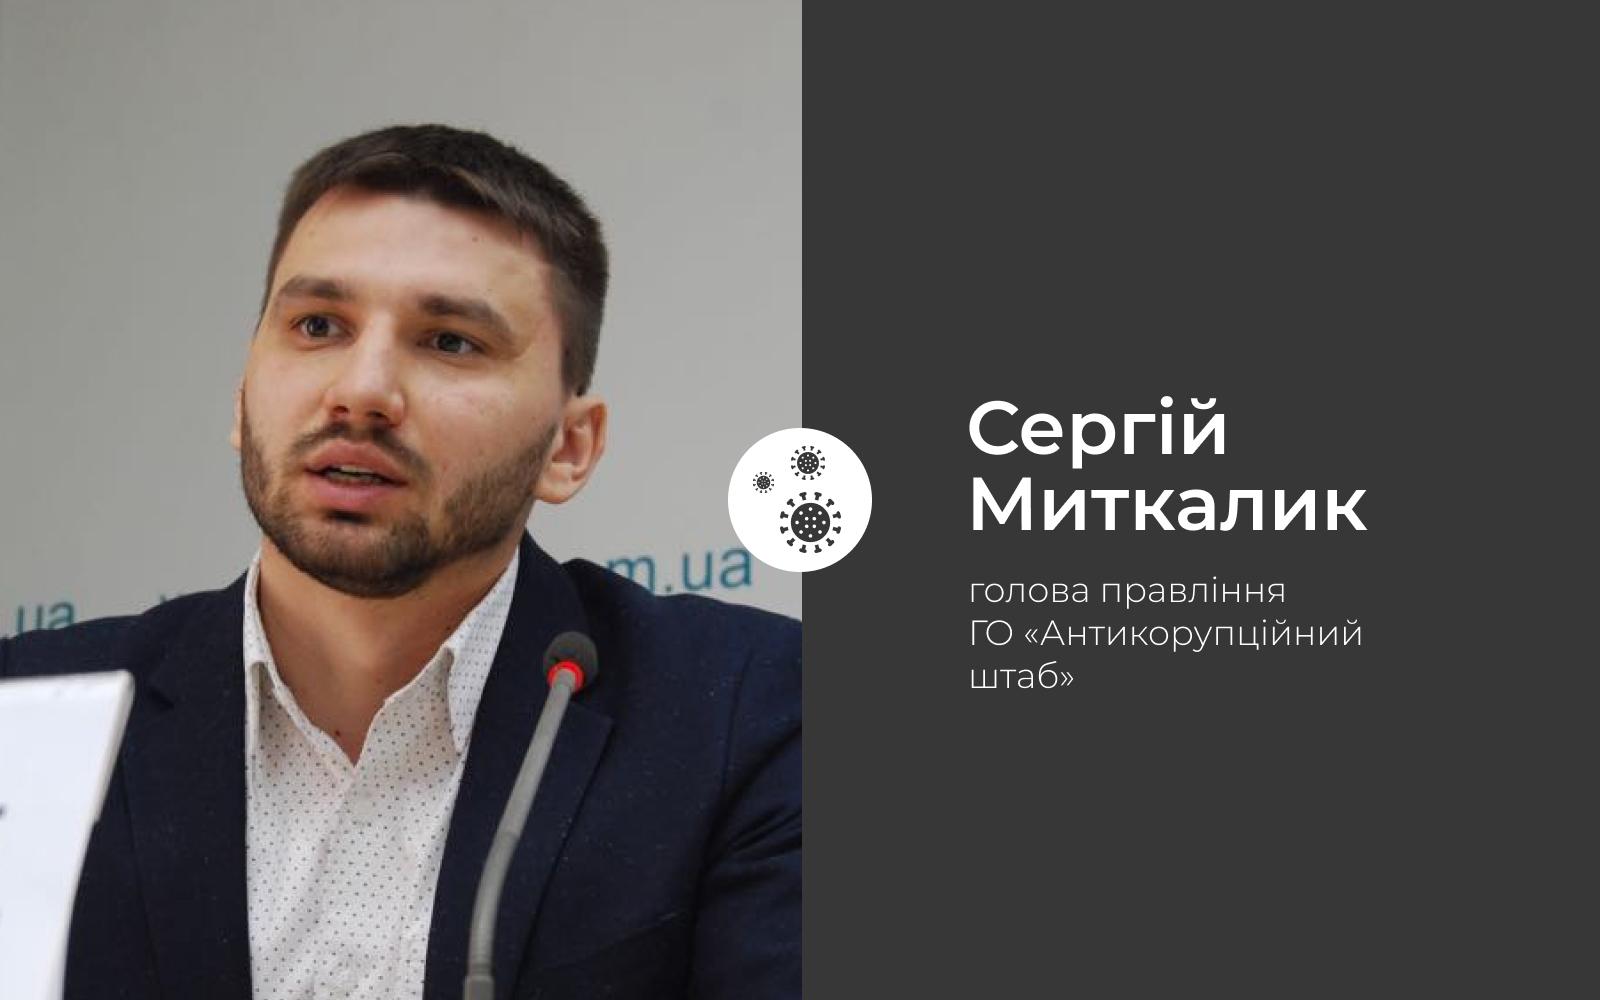 Сергій Миткалик (2)